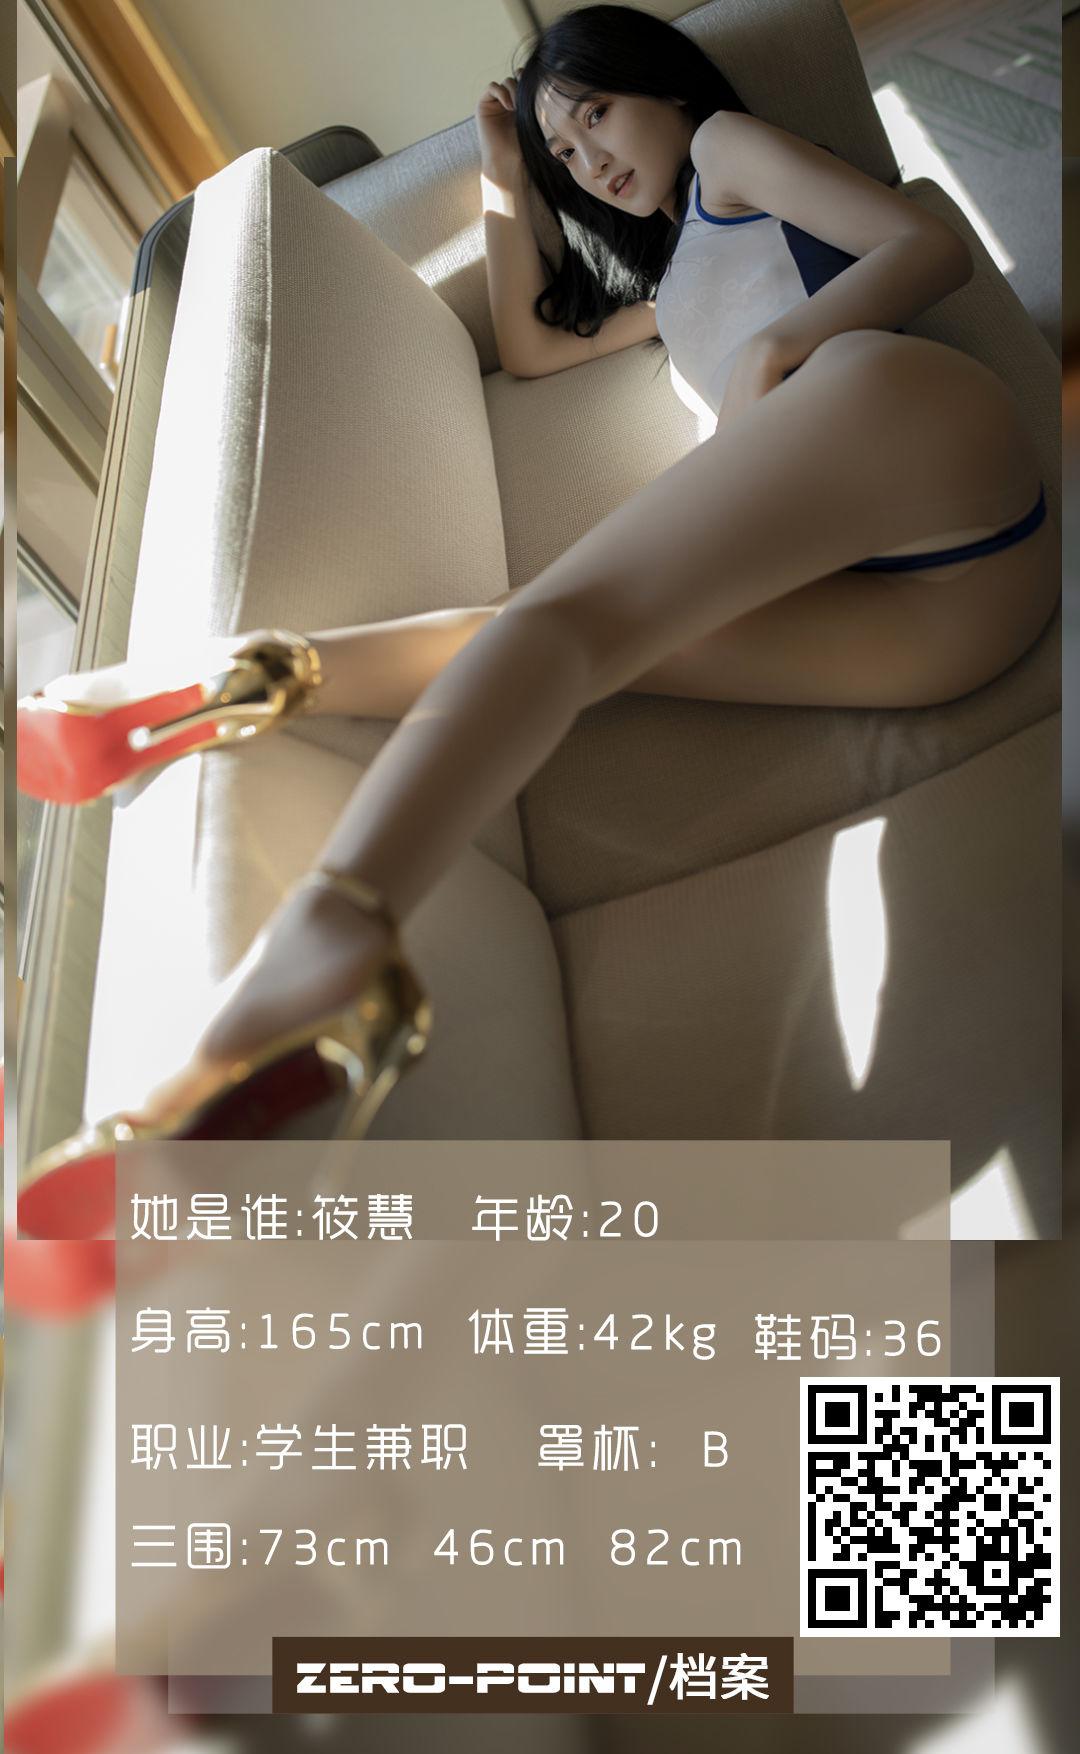 VOL.230 [LD零度]丝袜诱惑:筱慧高品质写真套图(37P)